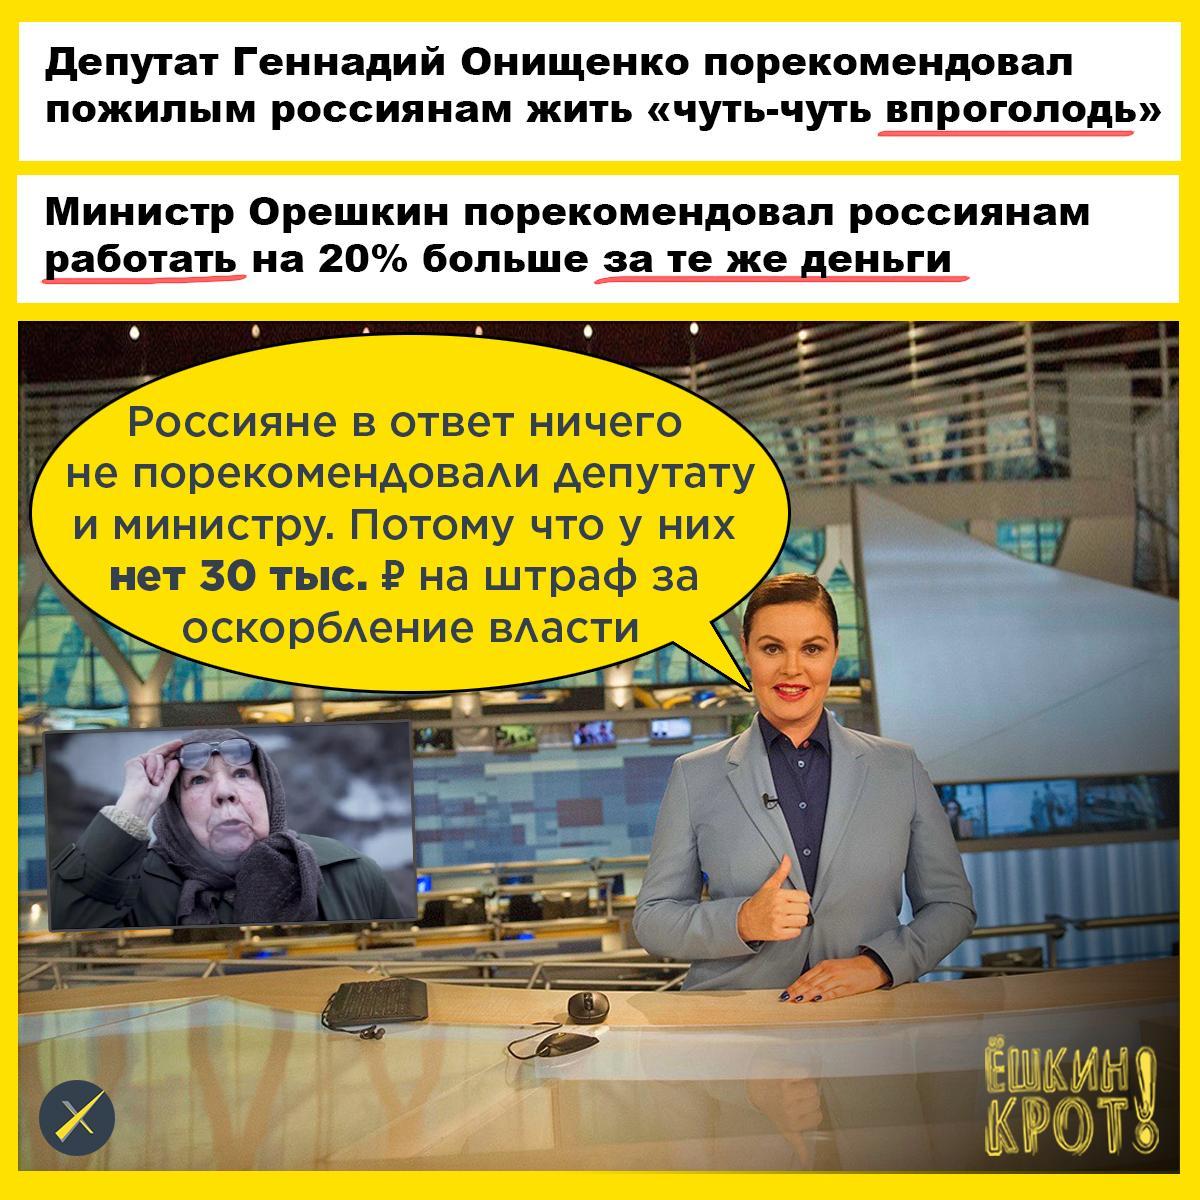 """Екс-глава Росспоживнагляду Онищенко закликав пенсіонерів жити """"трохи надголодь"""" - Цензор.НЕТ 589"""